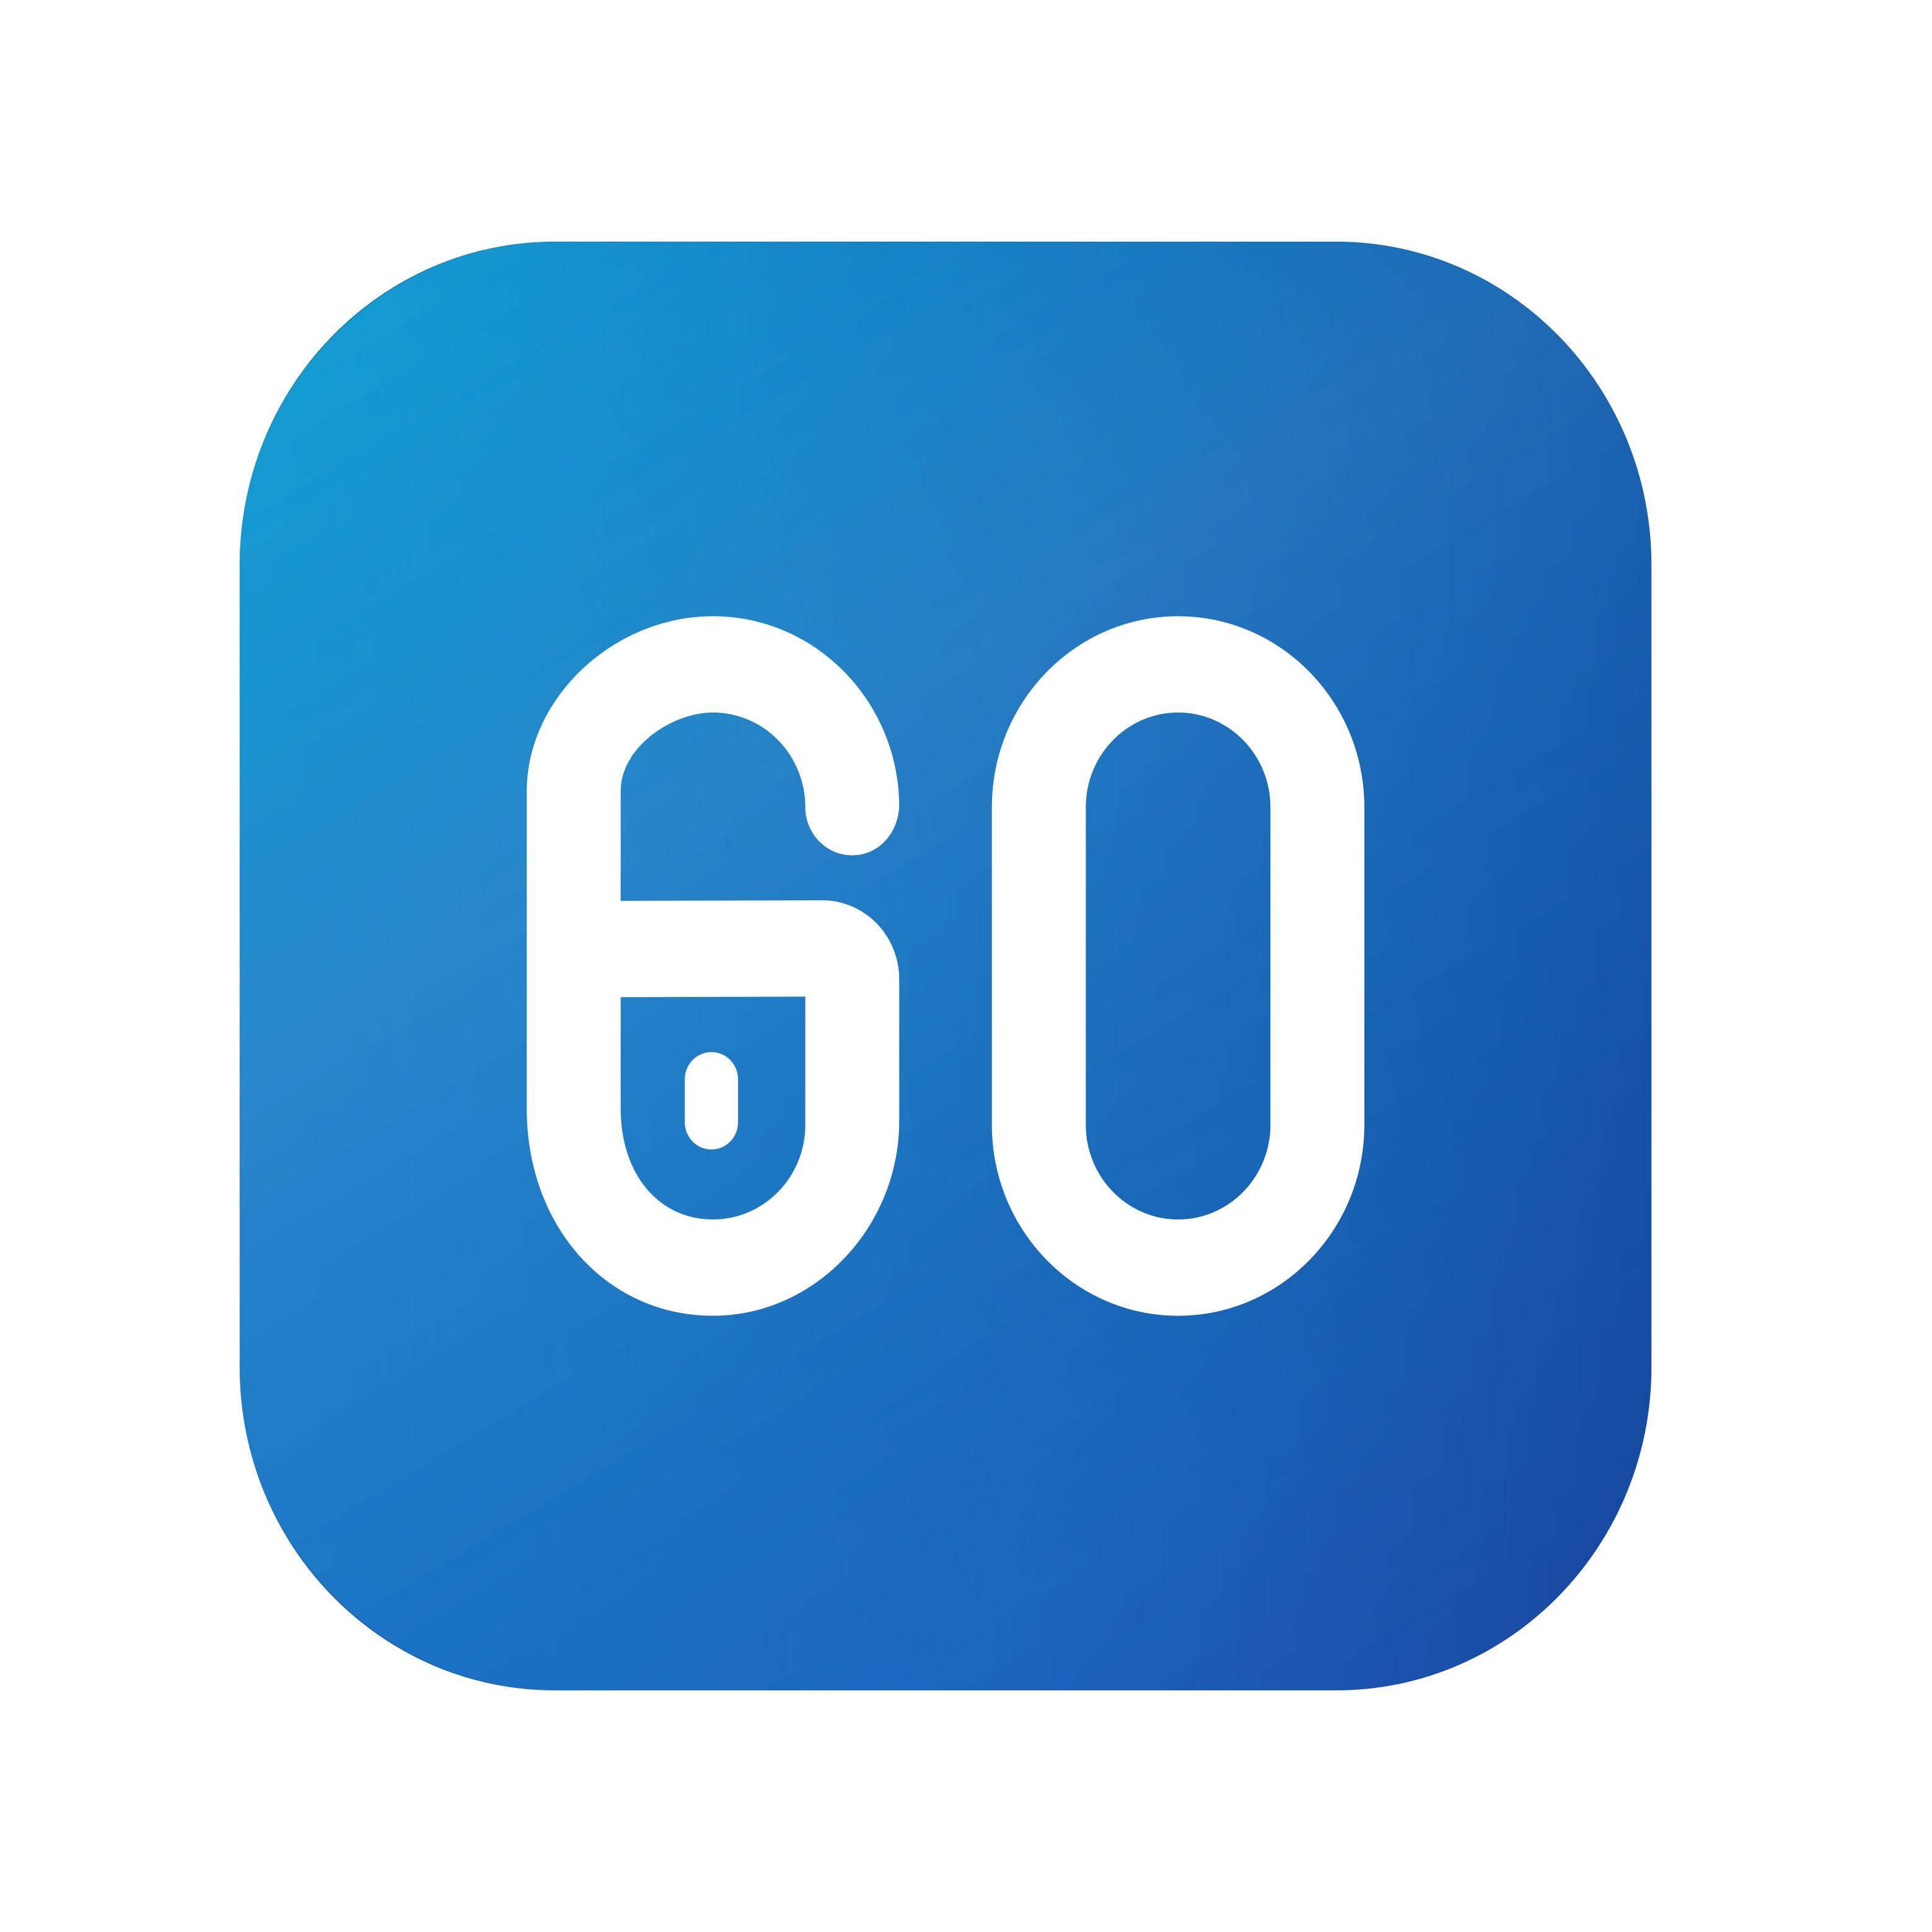 نصب اپلیکیشن «60» آسان تر شد